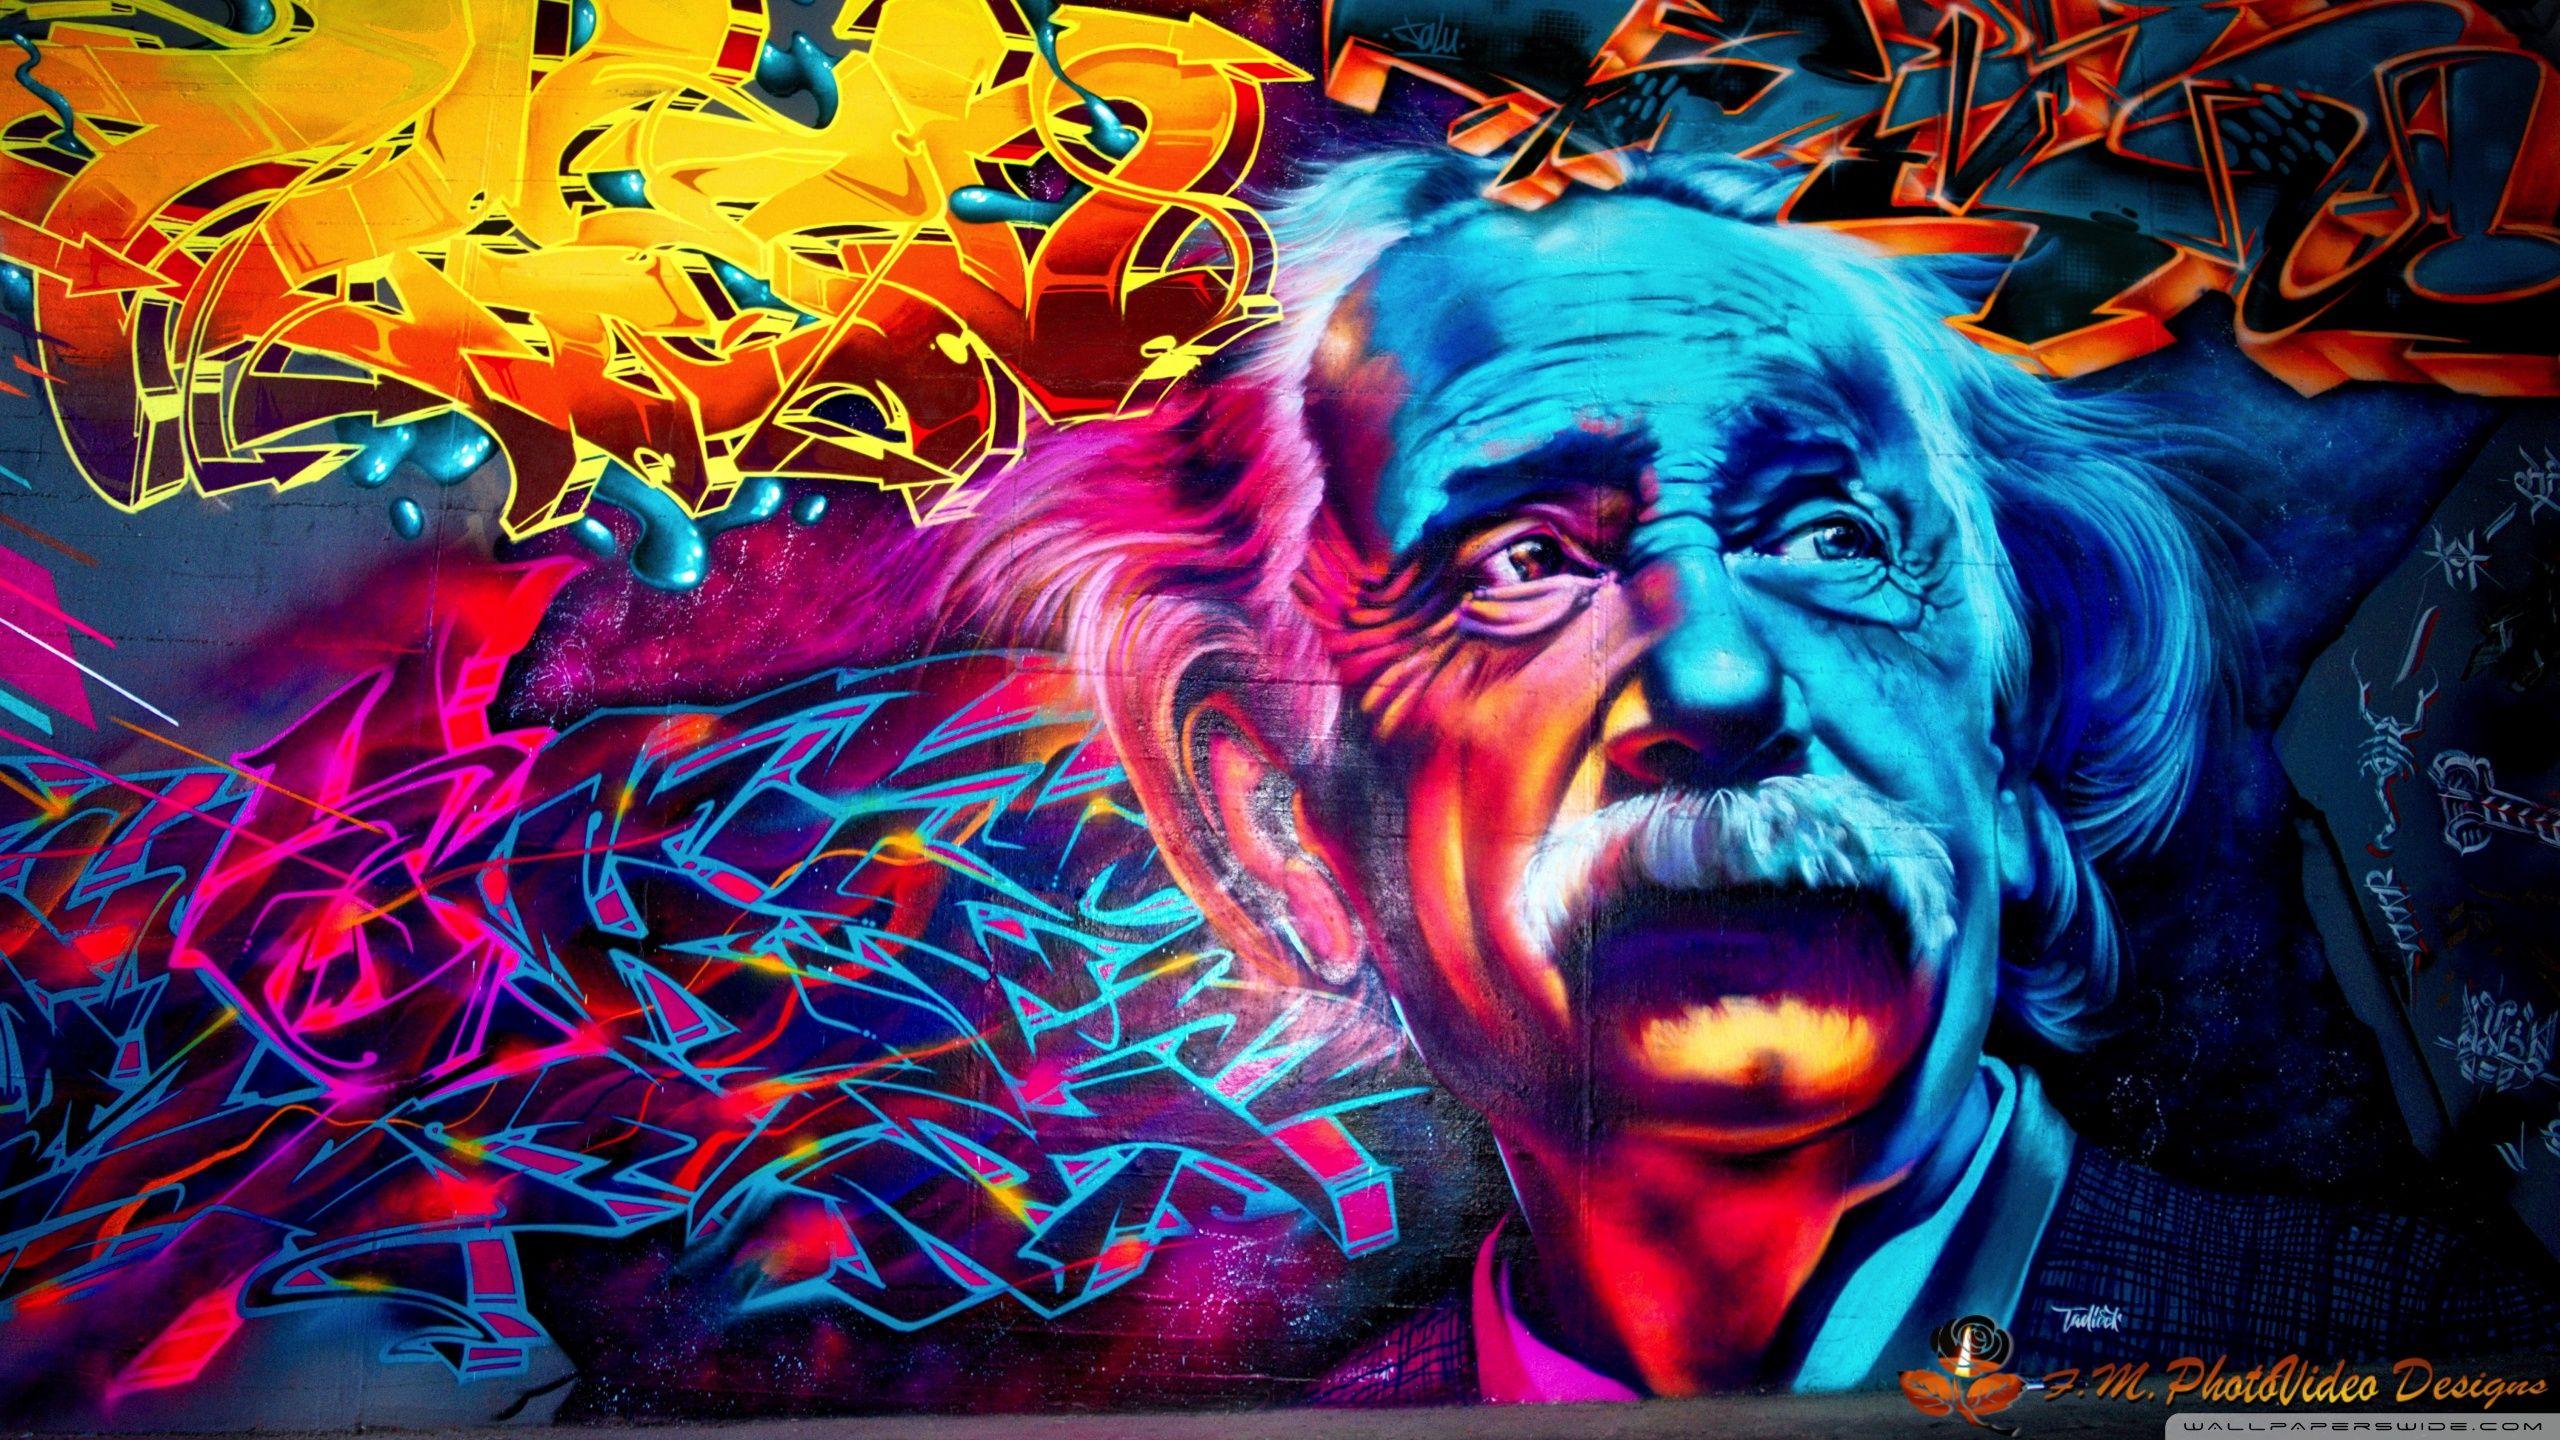 Street Art HD desktop wallpaper Widescreen High Definition 2560x1440